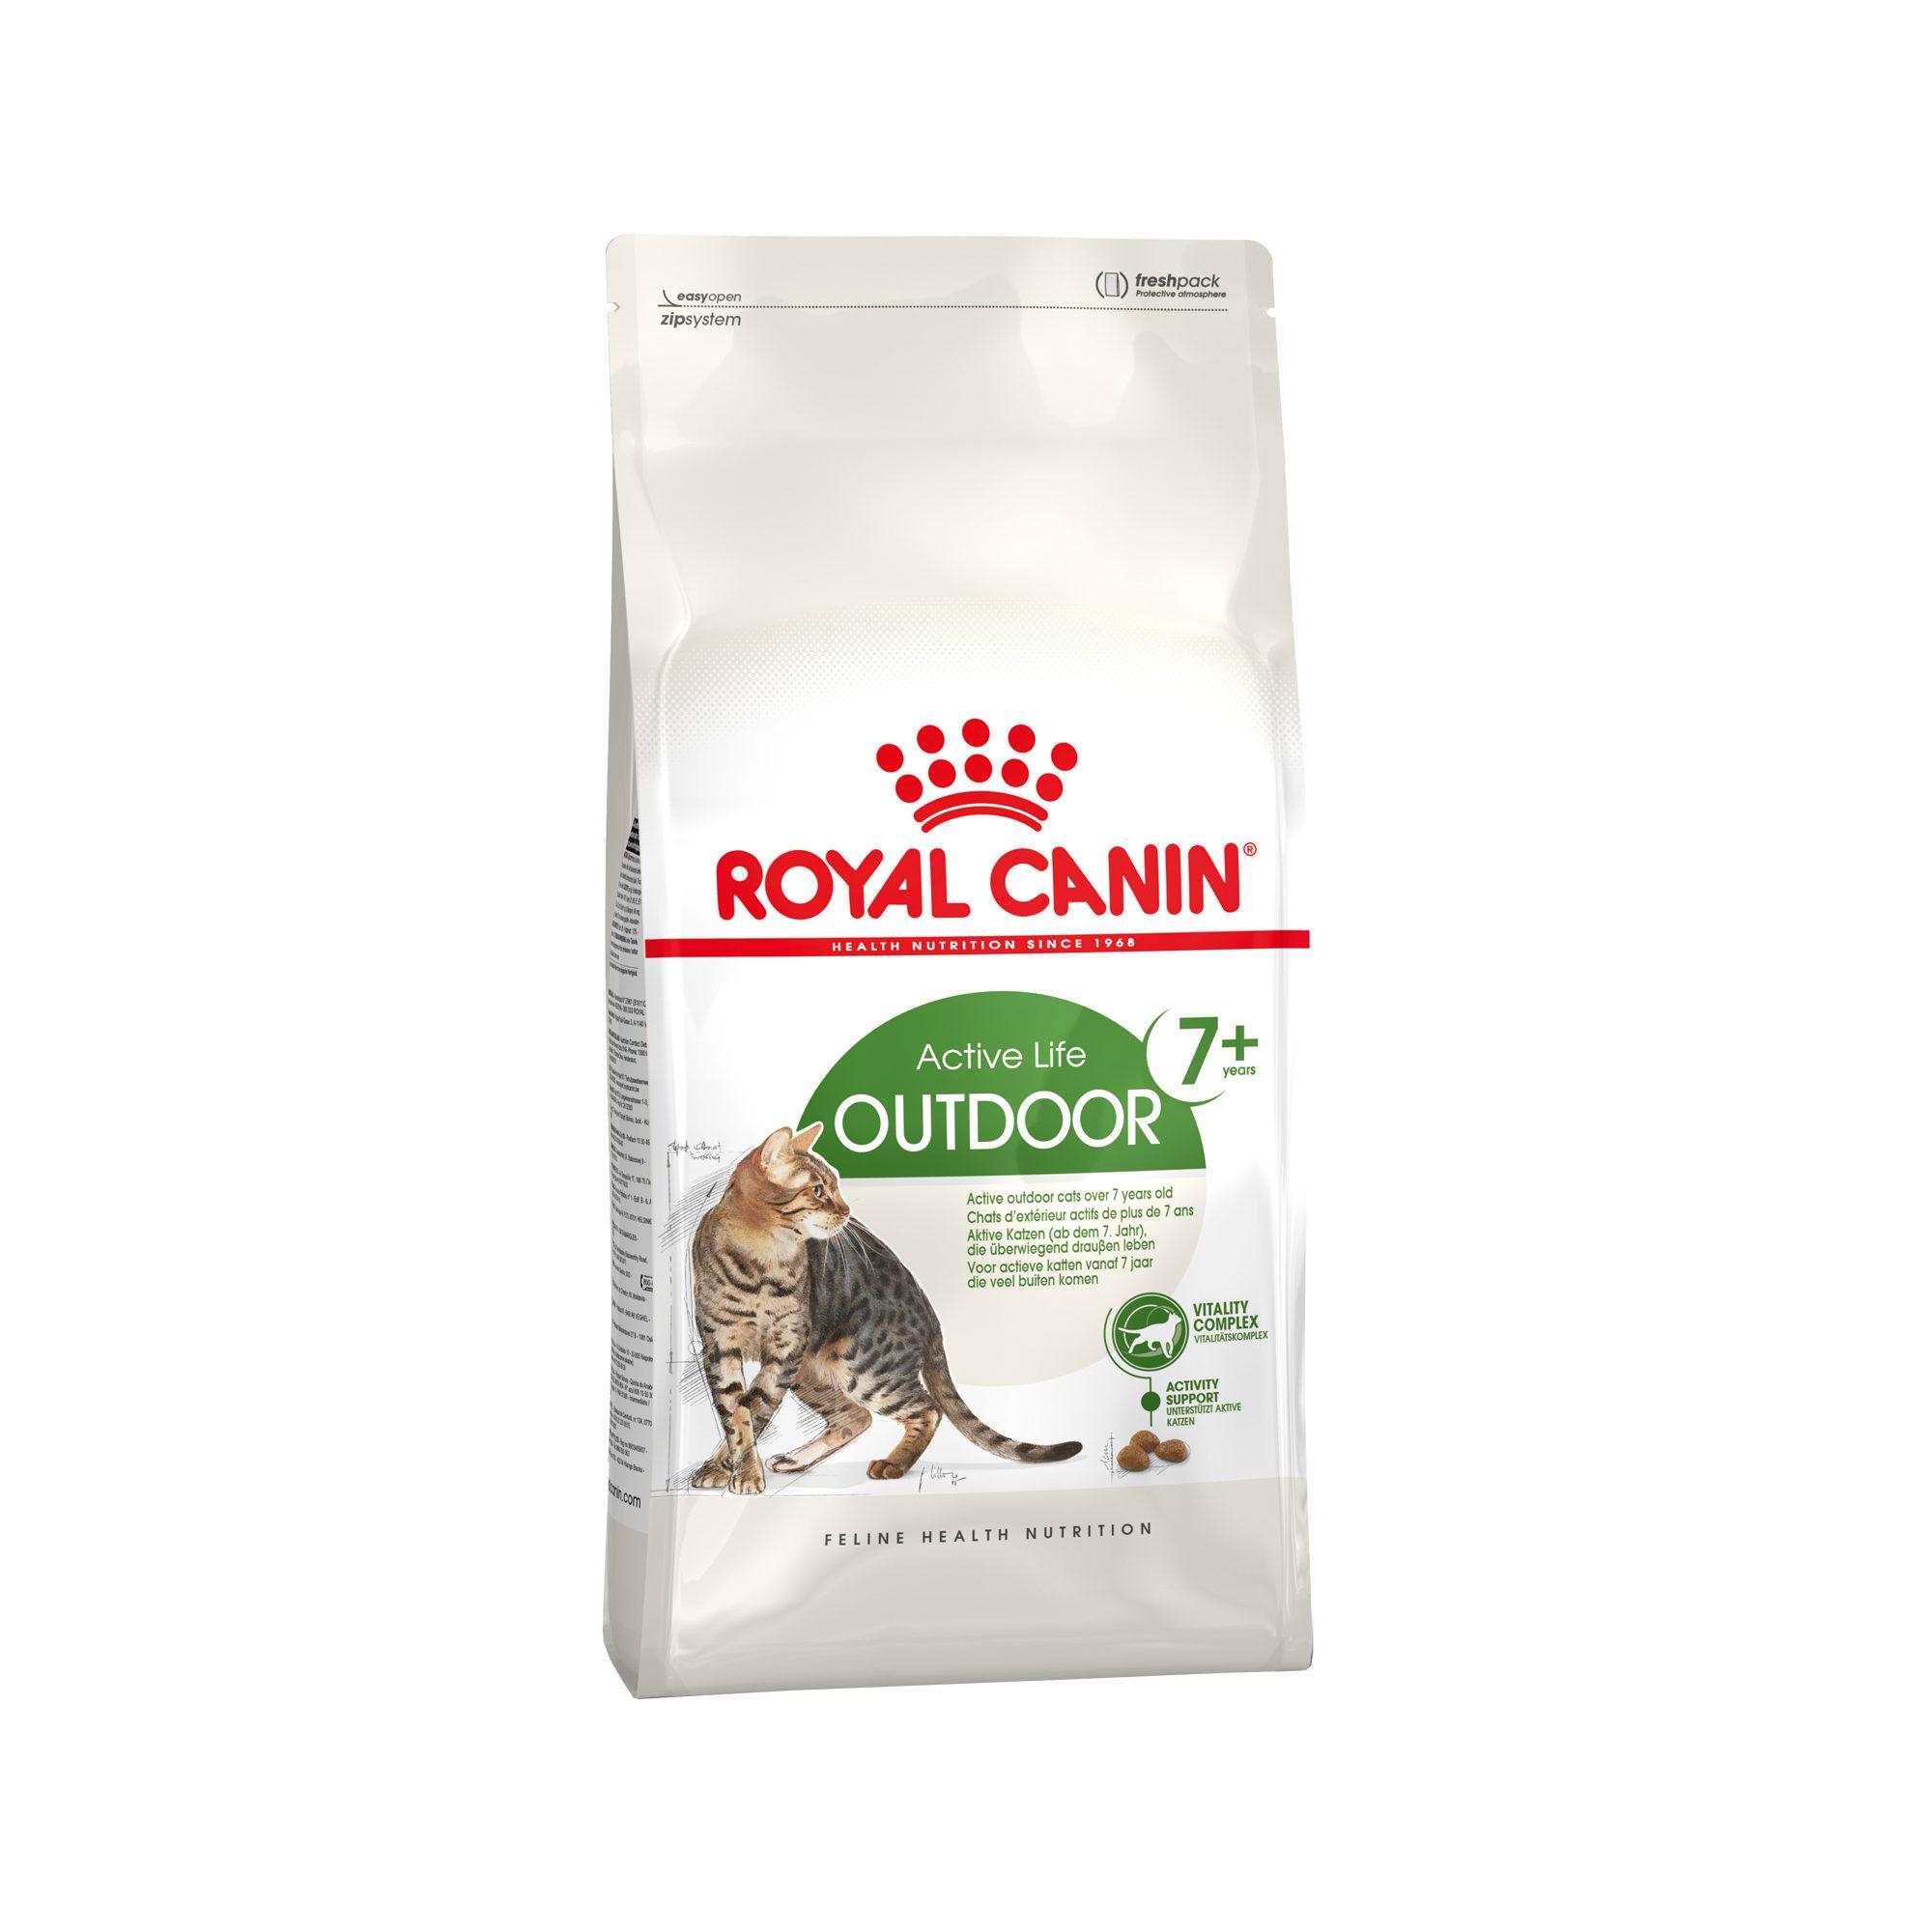 Royal Canin Outdoor 7+ Katzenfutter